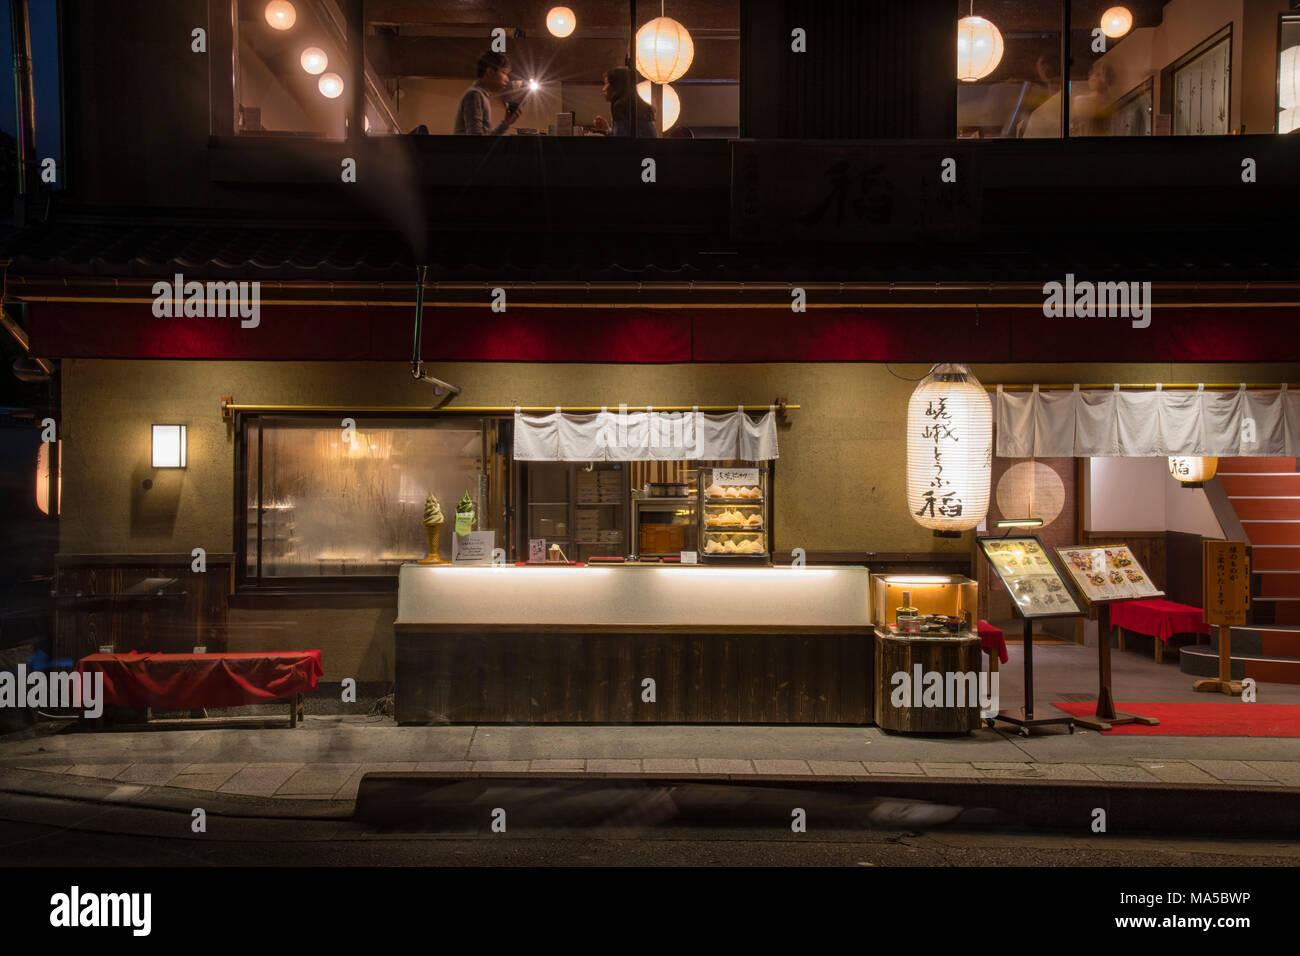 Asia, Japón Nihon, Nippon, Kyoto, Restaurante Japonés Imagen De Stock